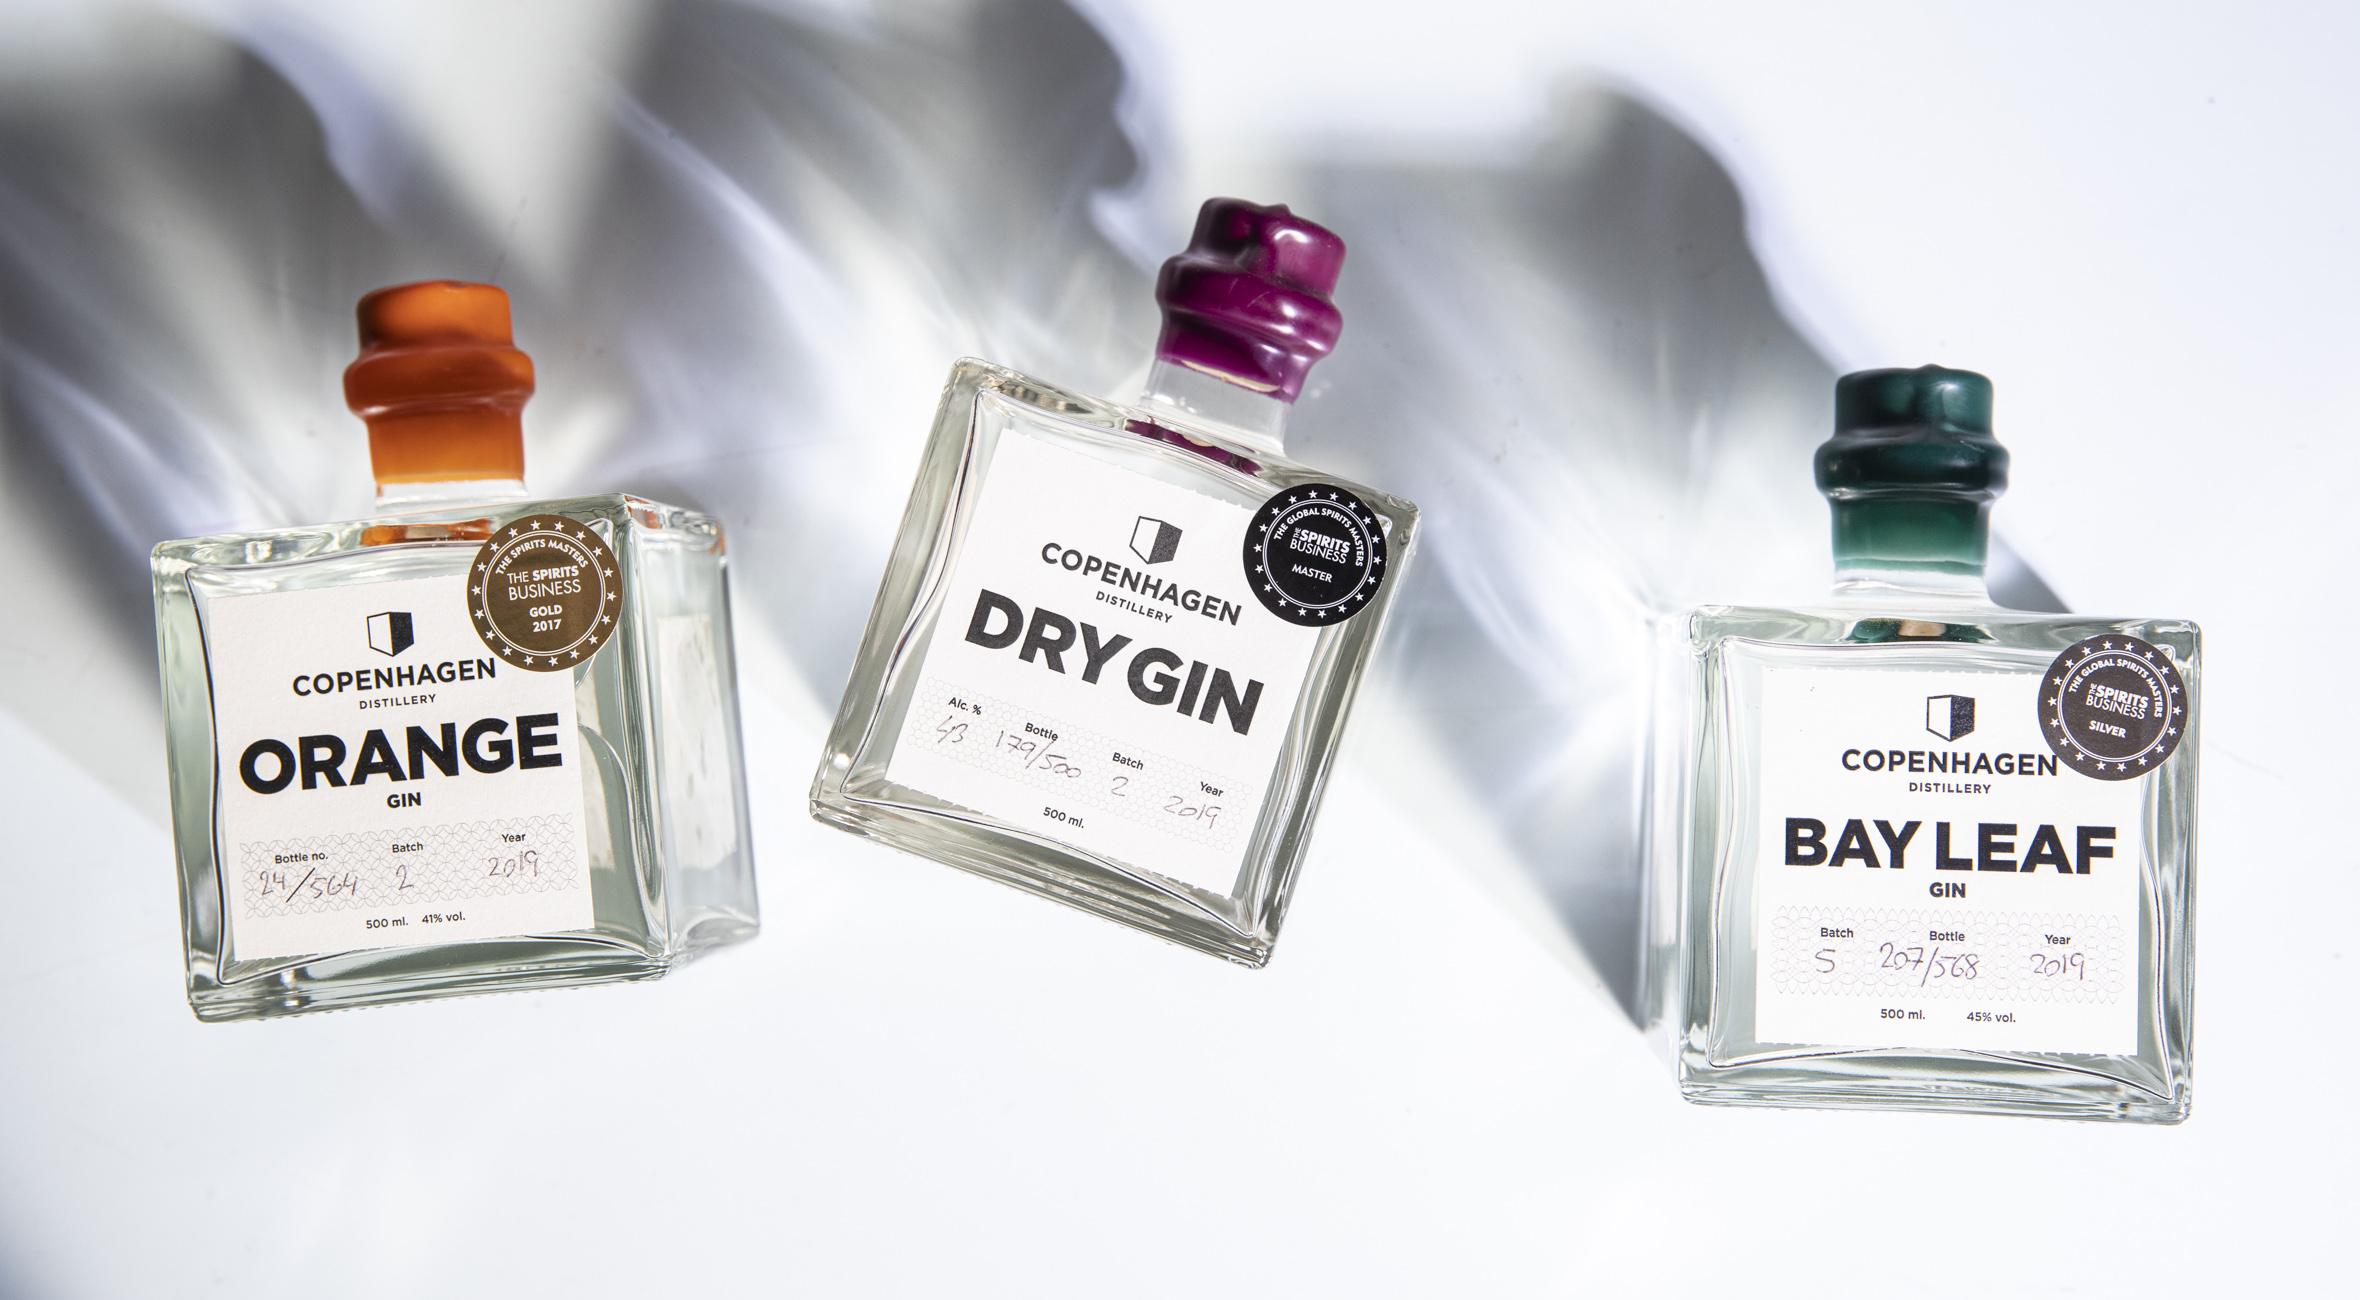 Frit valg til alt hos Copenhagen Distillery – På Amager laver prisvindende destilleri alt fra gin til aquavit, whisky og små batches af limited editions